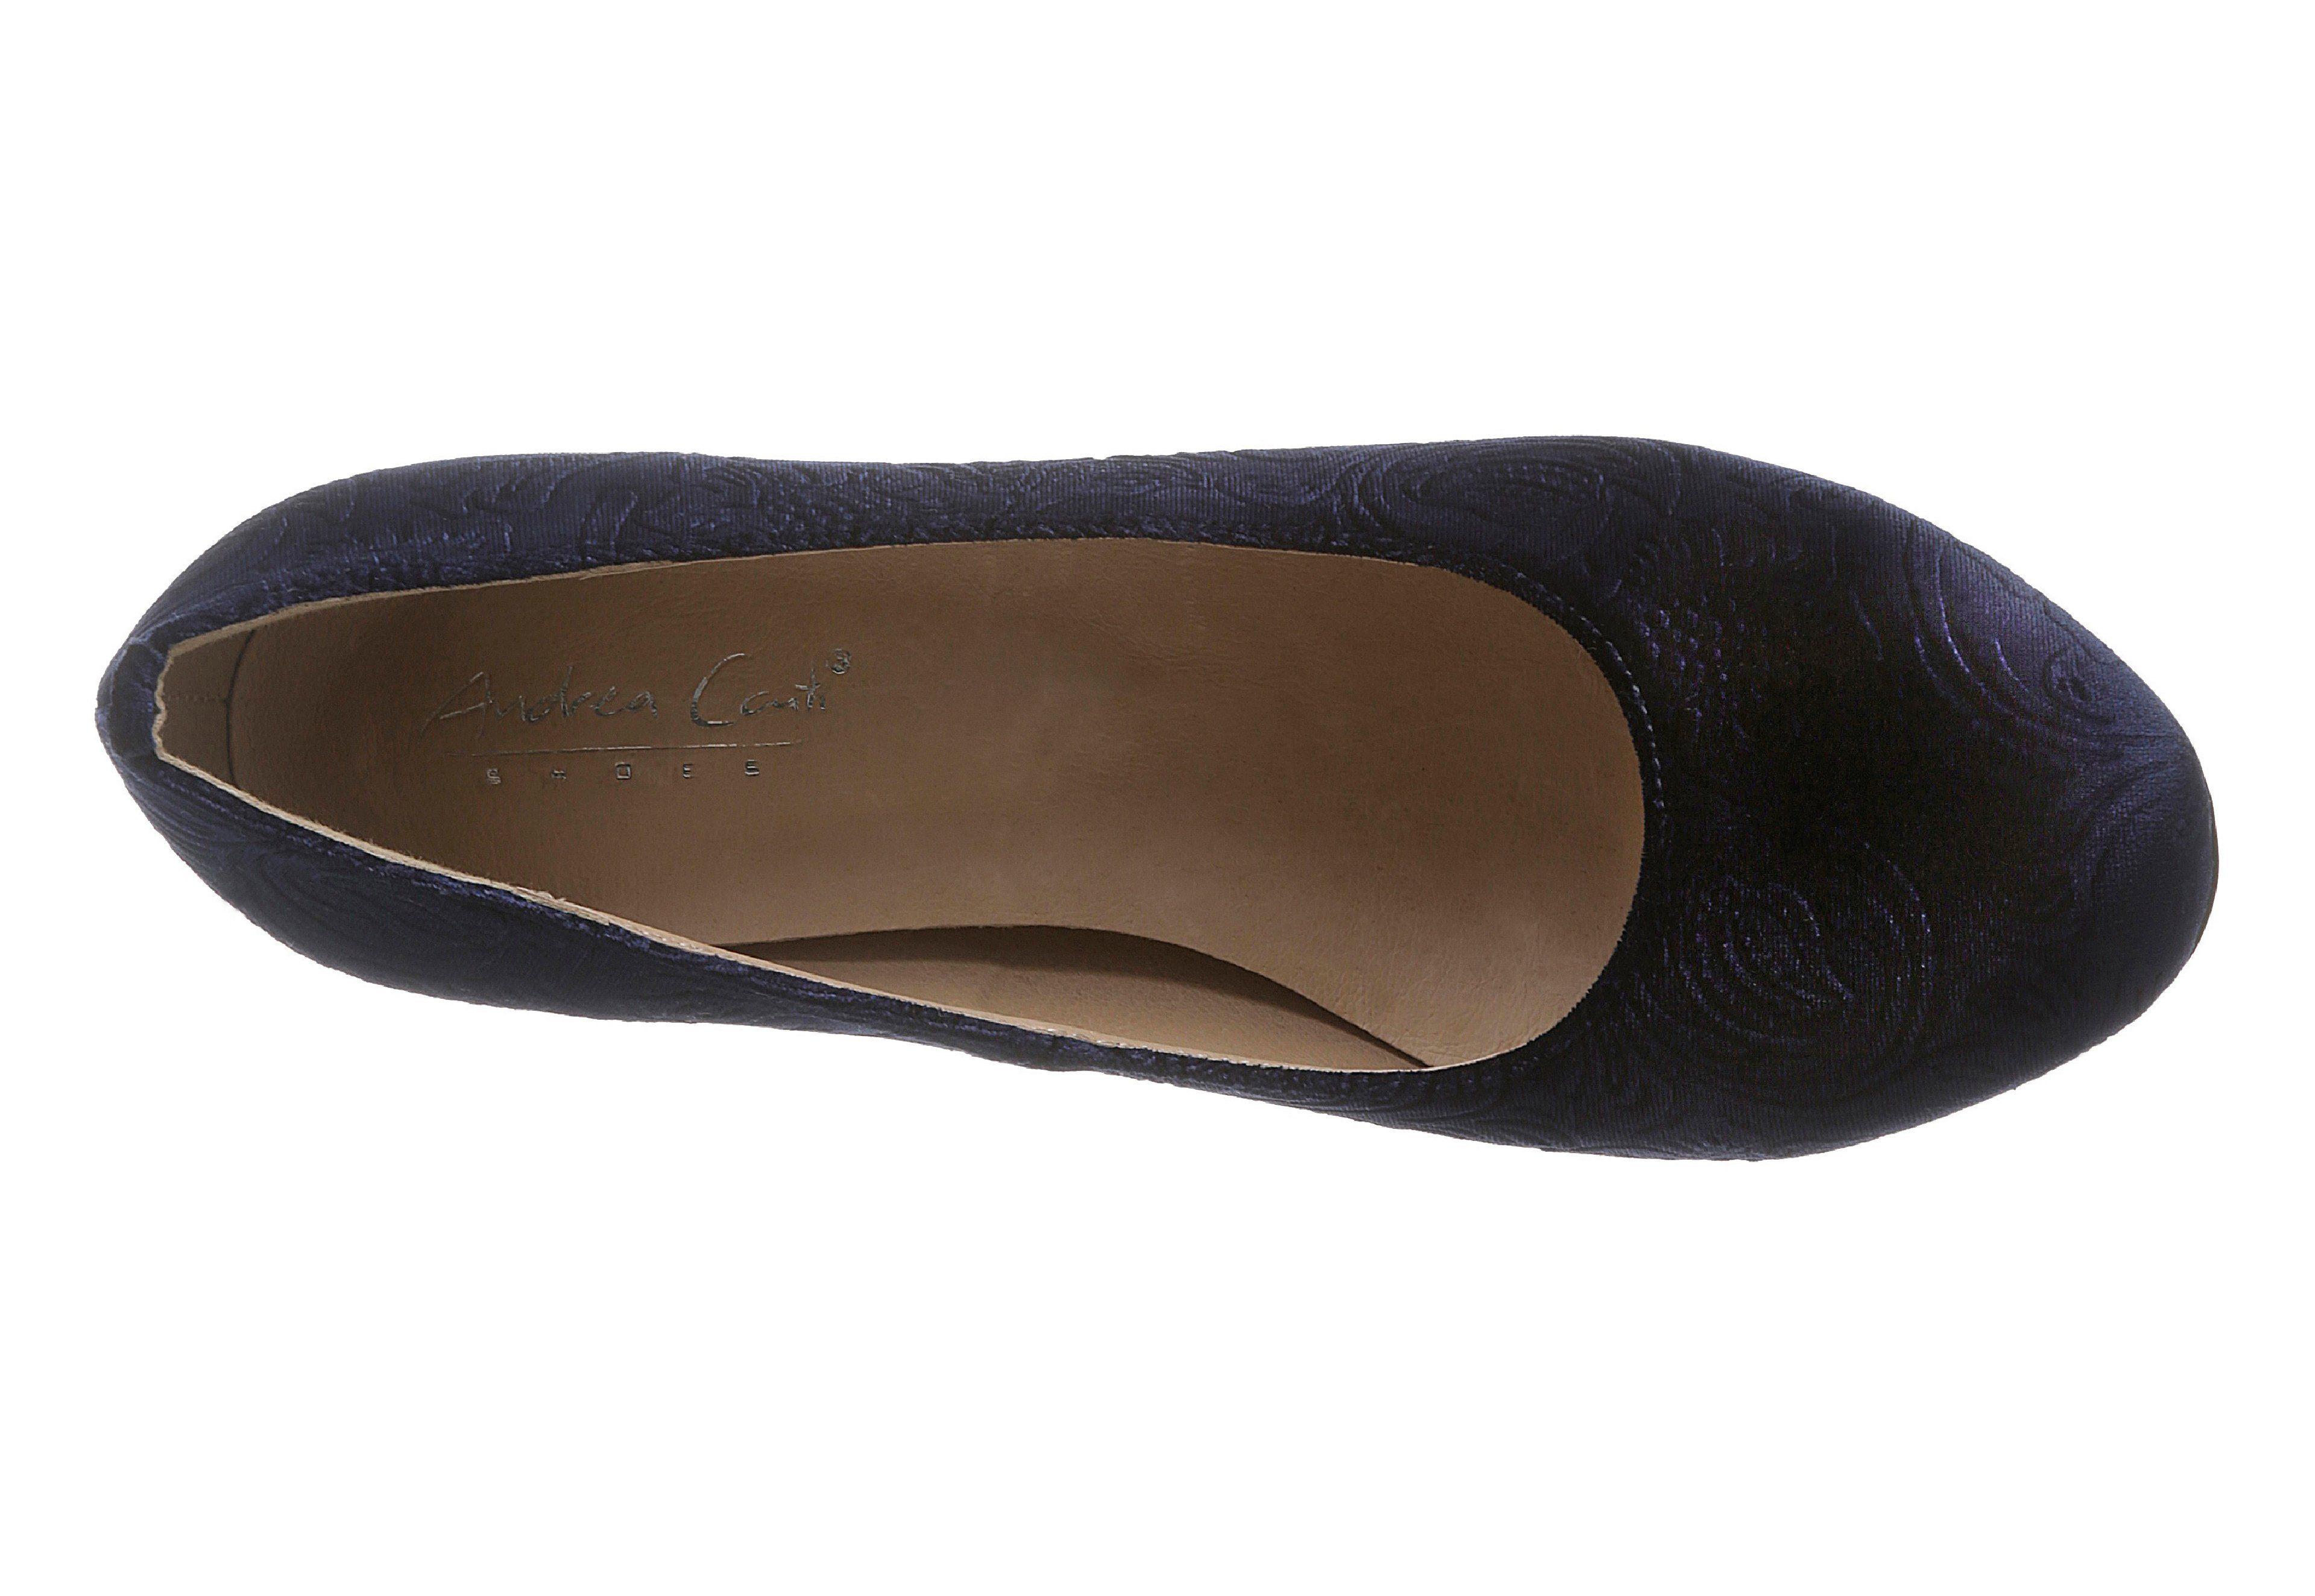 Andrea Conti Trachtenpumps mit Lederdecksohle  dunkelblau